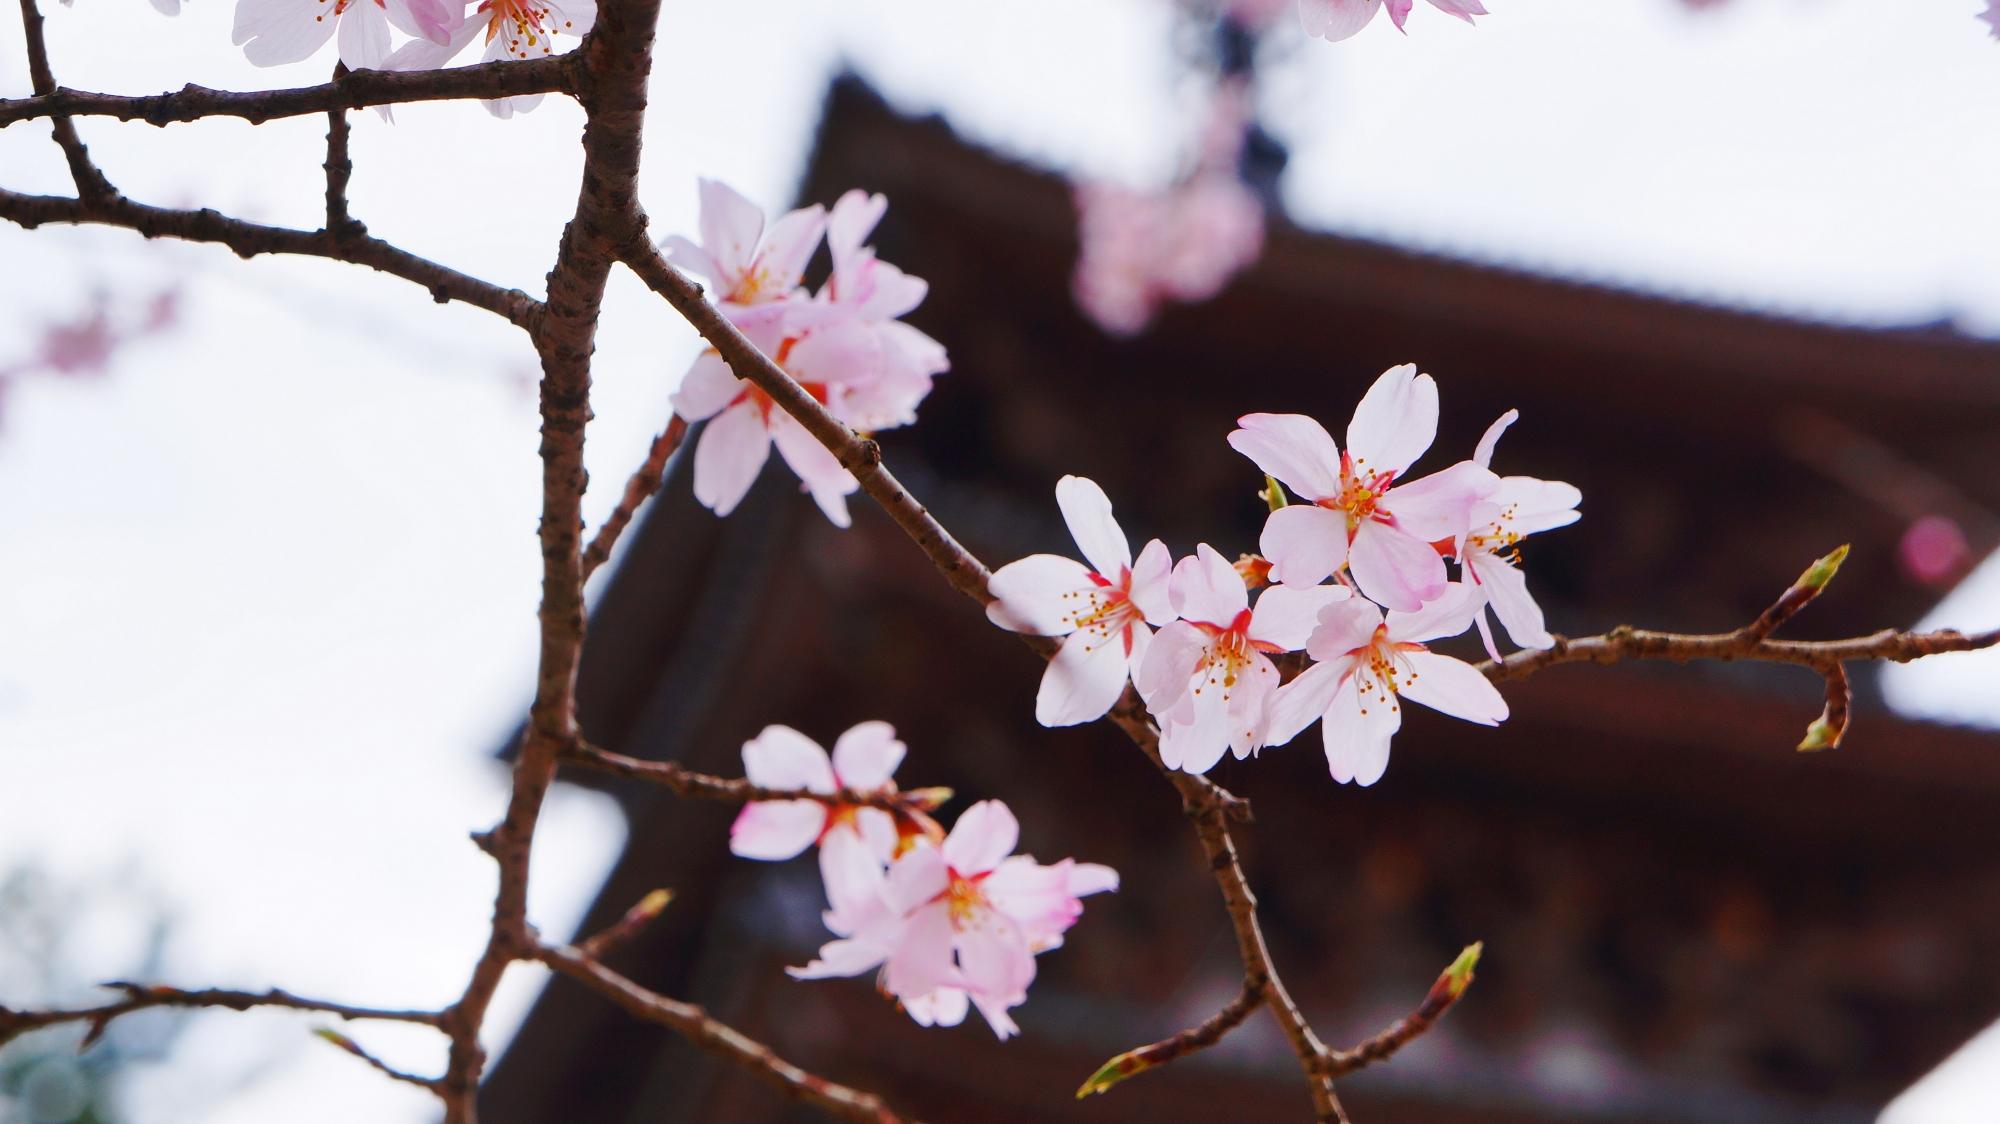 桜の名所の京都醍醐寺の五重塔と見事な桜